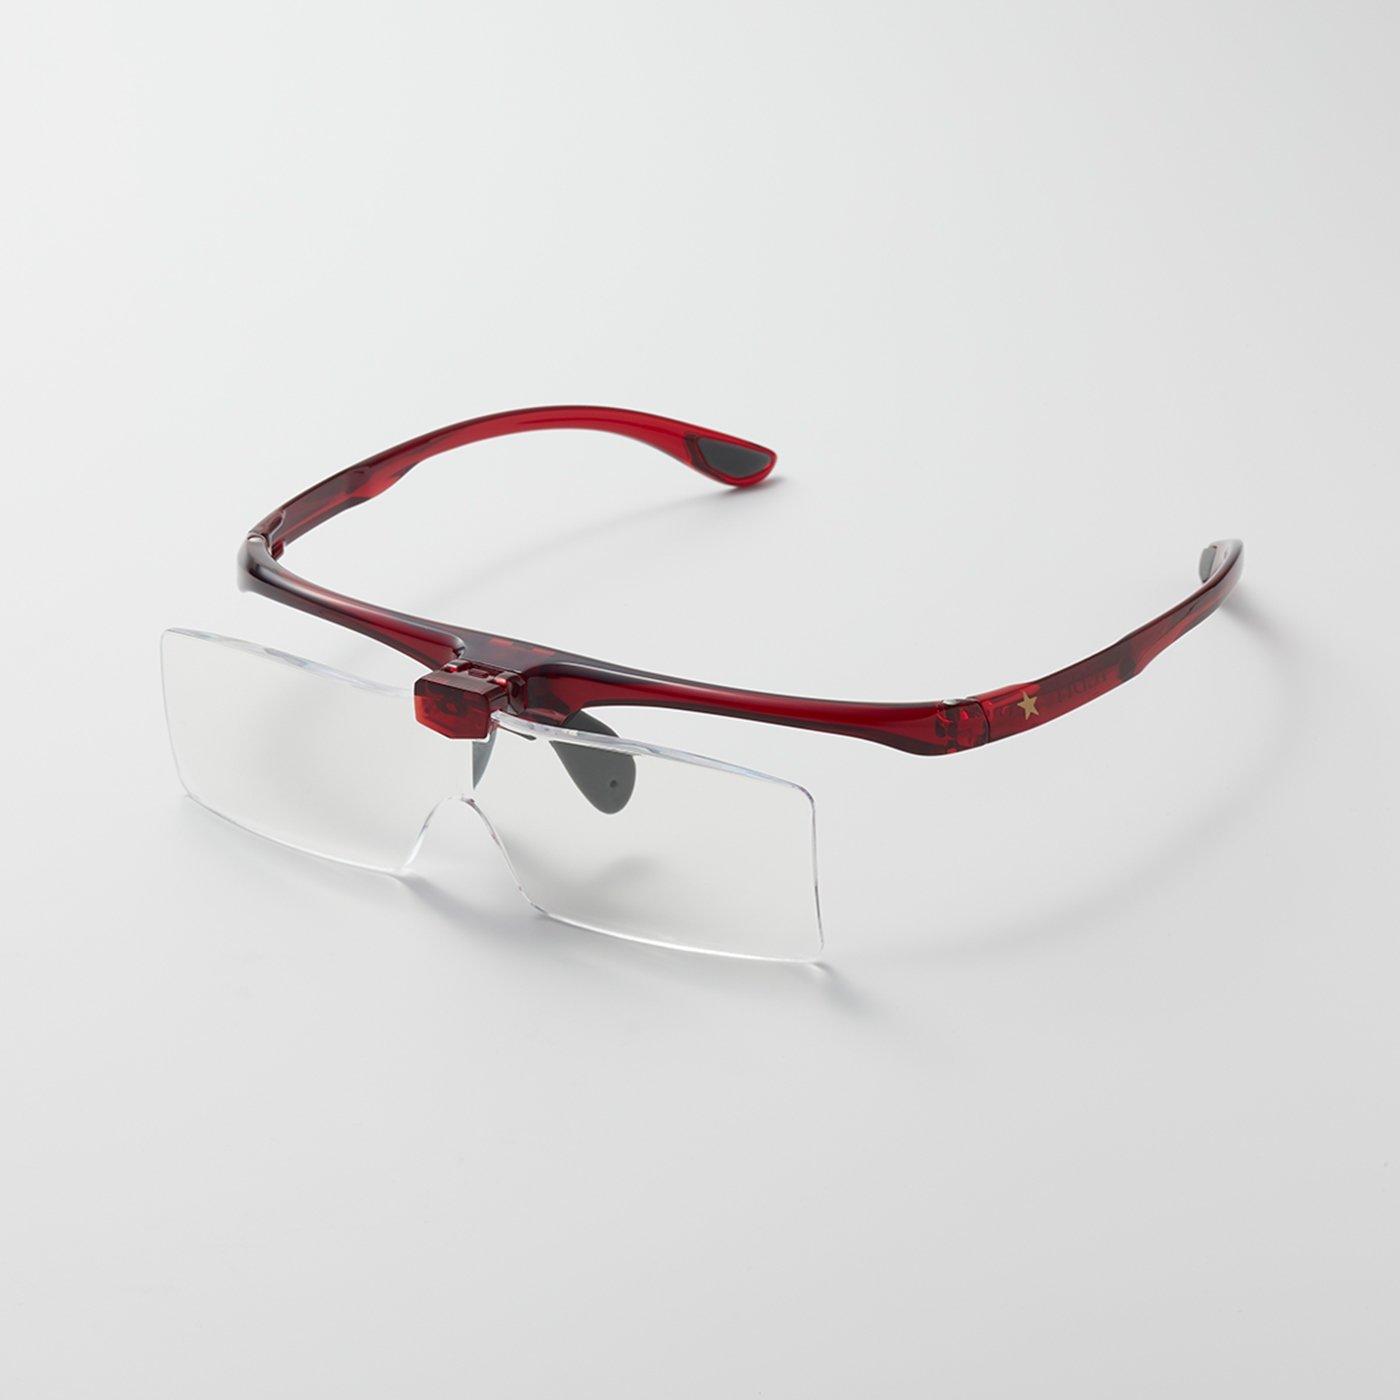 IEDIT[イディット] ワガママ企画 ゴールドスターがポイント! メガネの上からかけられて手もとがよく見えるメガネ型拡大ルーペ〈ルビーレッド〉